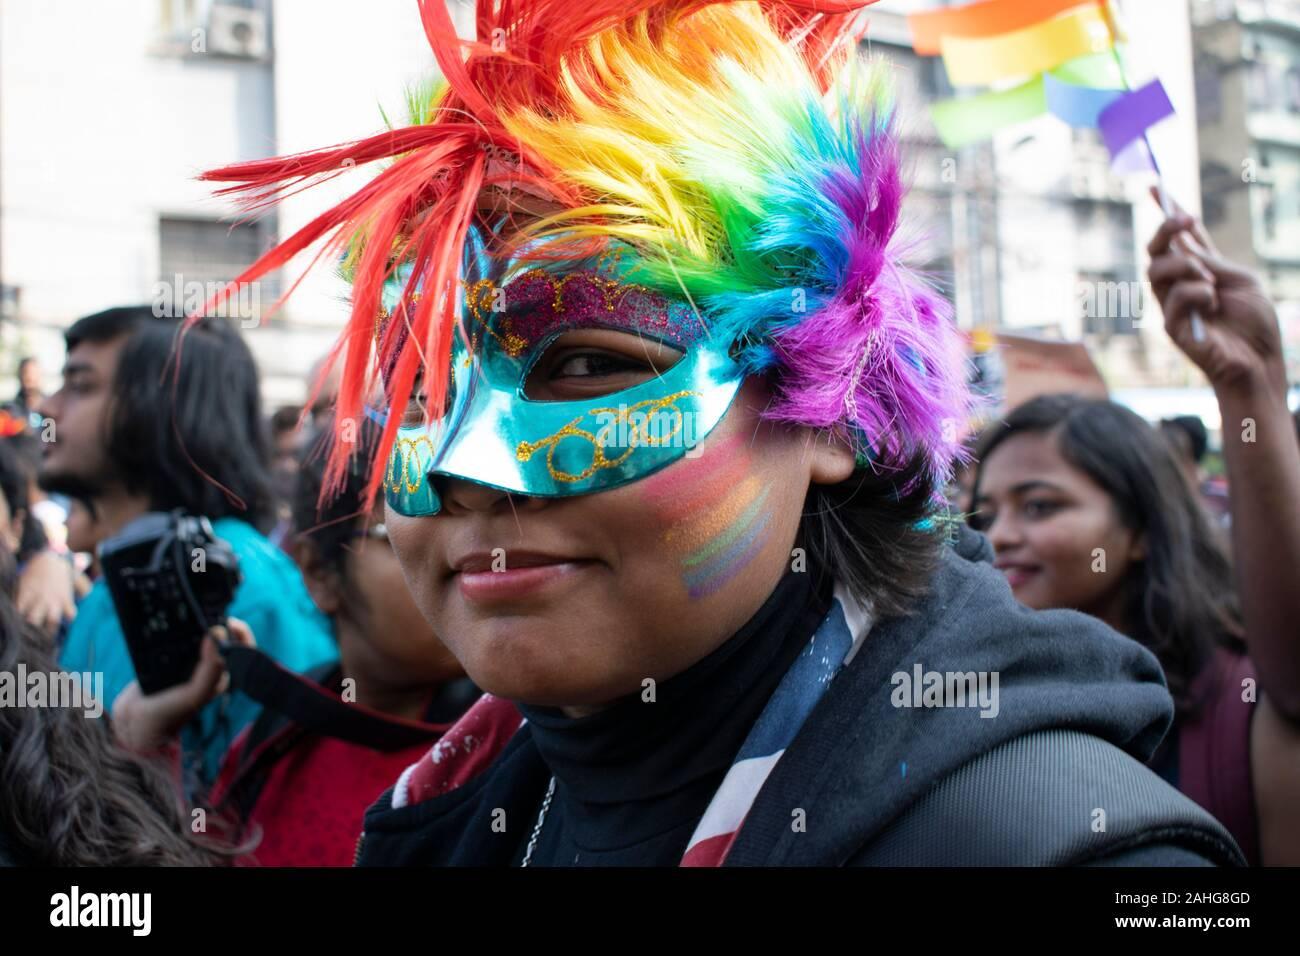 Las personas de la comunidad LGBT están marchando en las calles de Calcuta, exigiendo la igualdad de sus derechos y protestar contra la discriminación social que tienen que enfrentar. También están levantando su voz contra el Gobierno de la India para imponer el Registro Nacional de Ciudadanos (NRC) y la Ley de enmienda de la Ley de ciudadanía (CAA) que va en contra de la comunidad minoritaria de la India. (Foto por Santarpan Roy / Pacific Press) Foto de stock